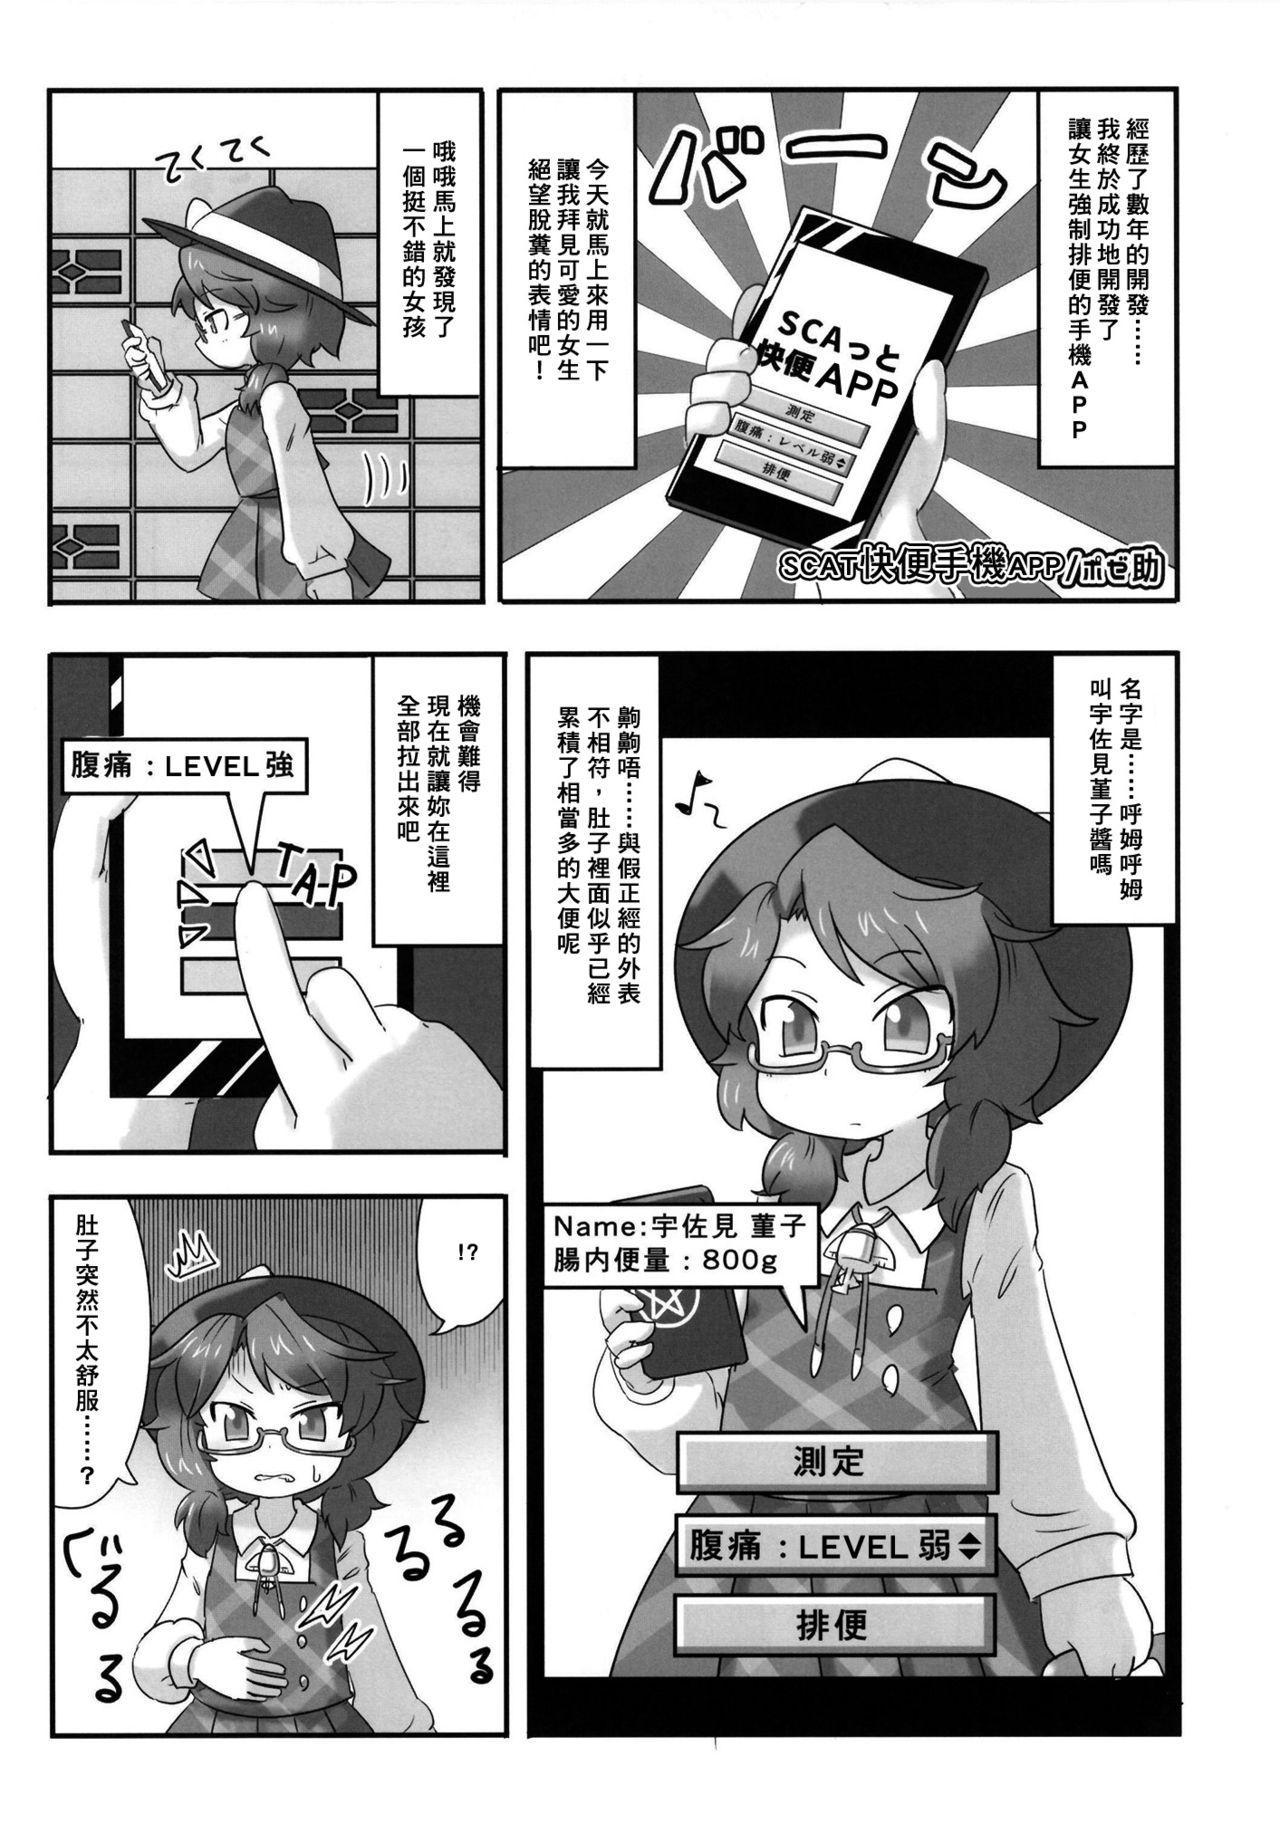 (C93) [Imomaru. (Various)] Micha Damee! ~Touhou Dappun Shuuchi Goudou~ | 不可以看啦! ~東方脫糞羞恥合同~ (Touhou Project) [Chinese] [臭鼬娘漢化組] 26